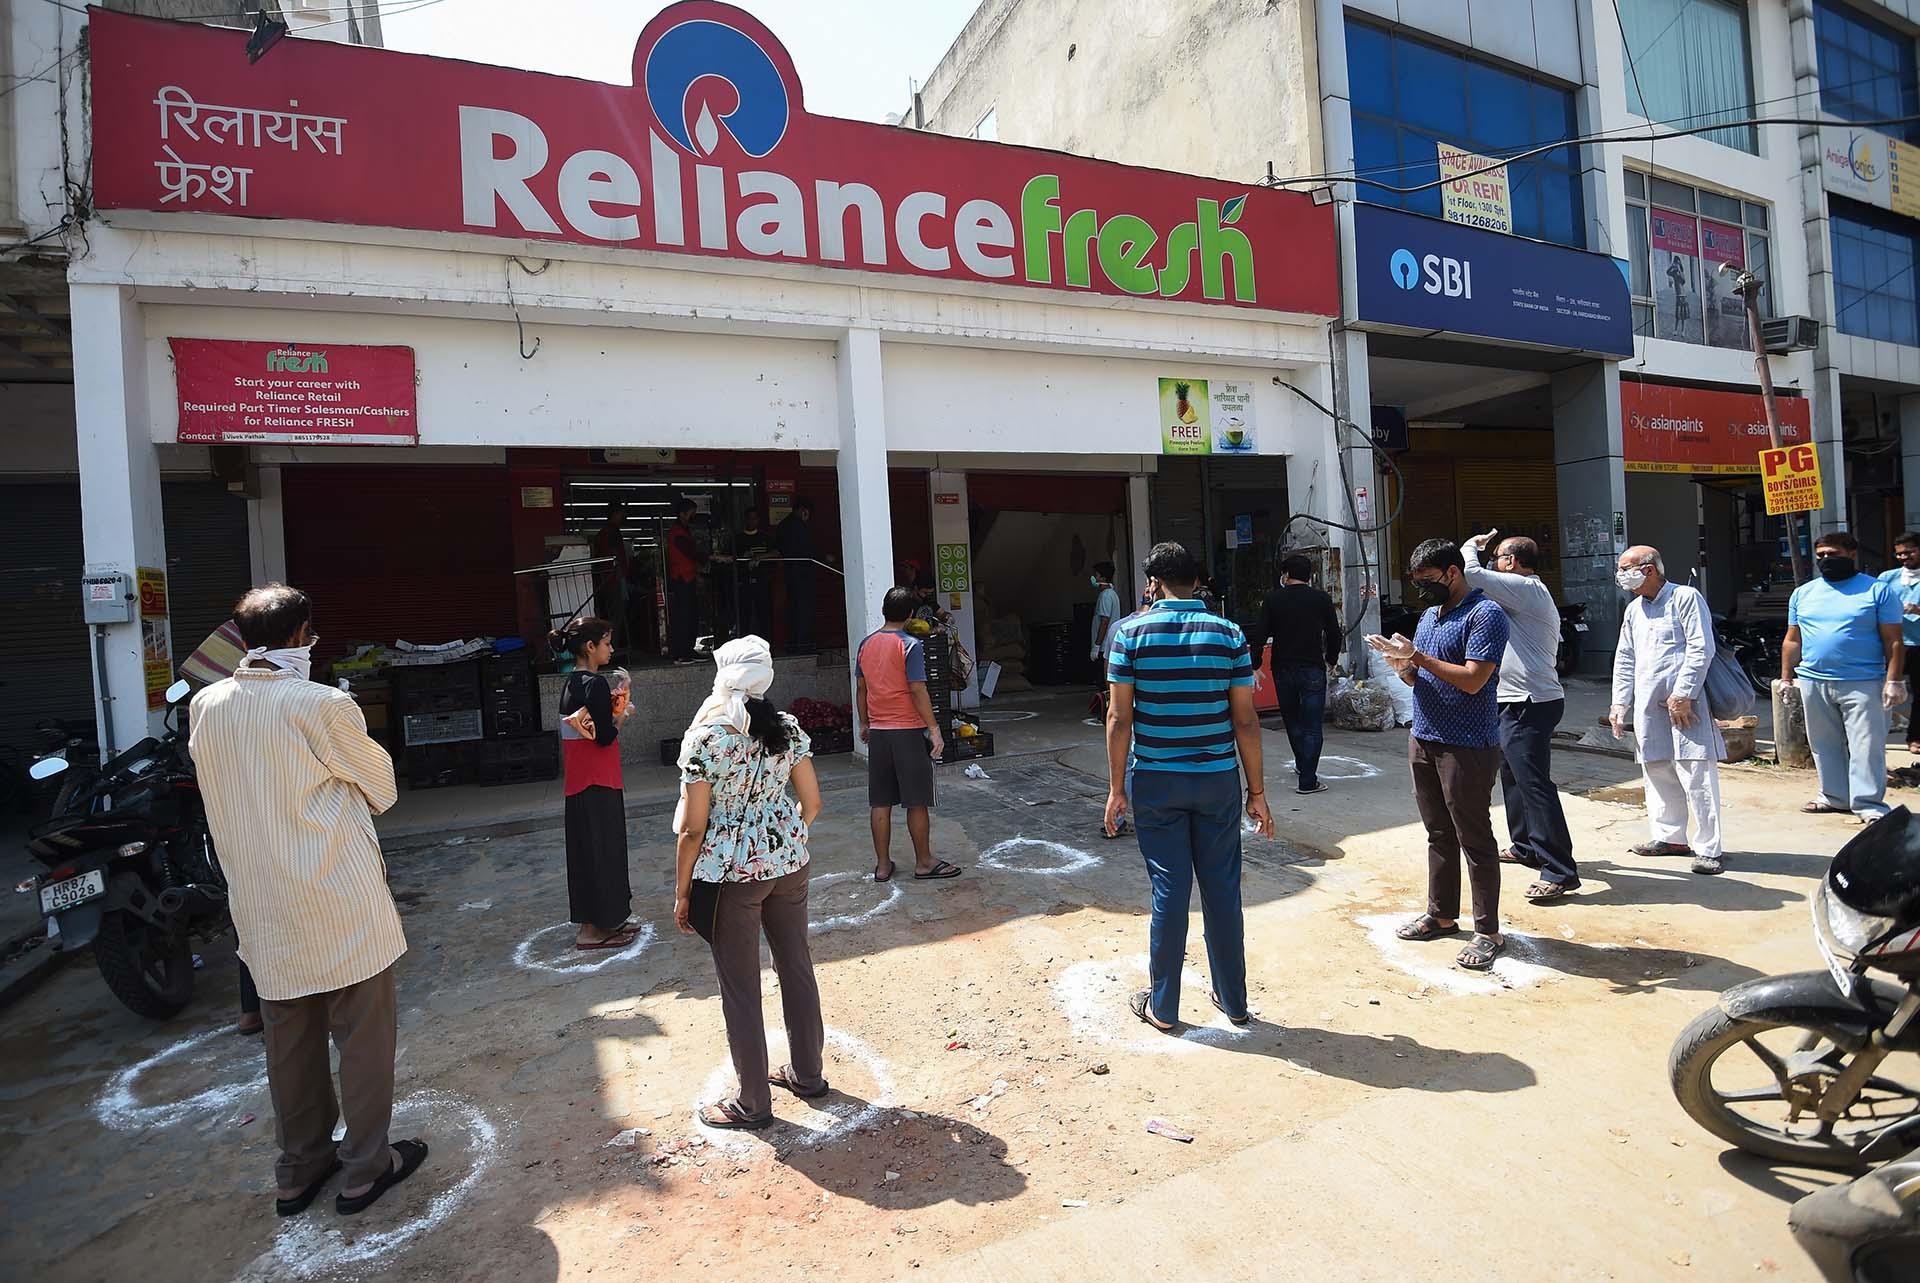 Personas hacen fila frente a un mercadillo en Faridabad, India.